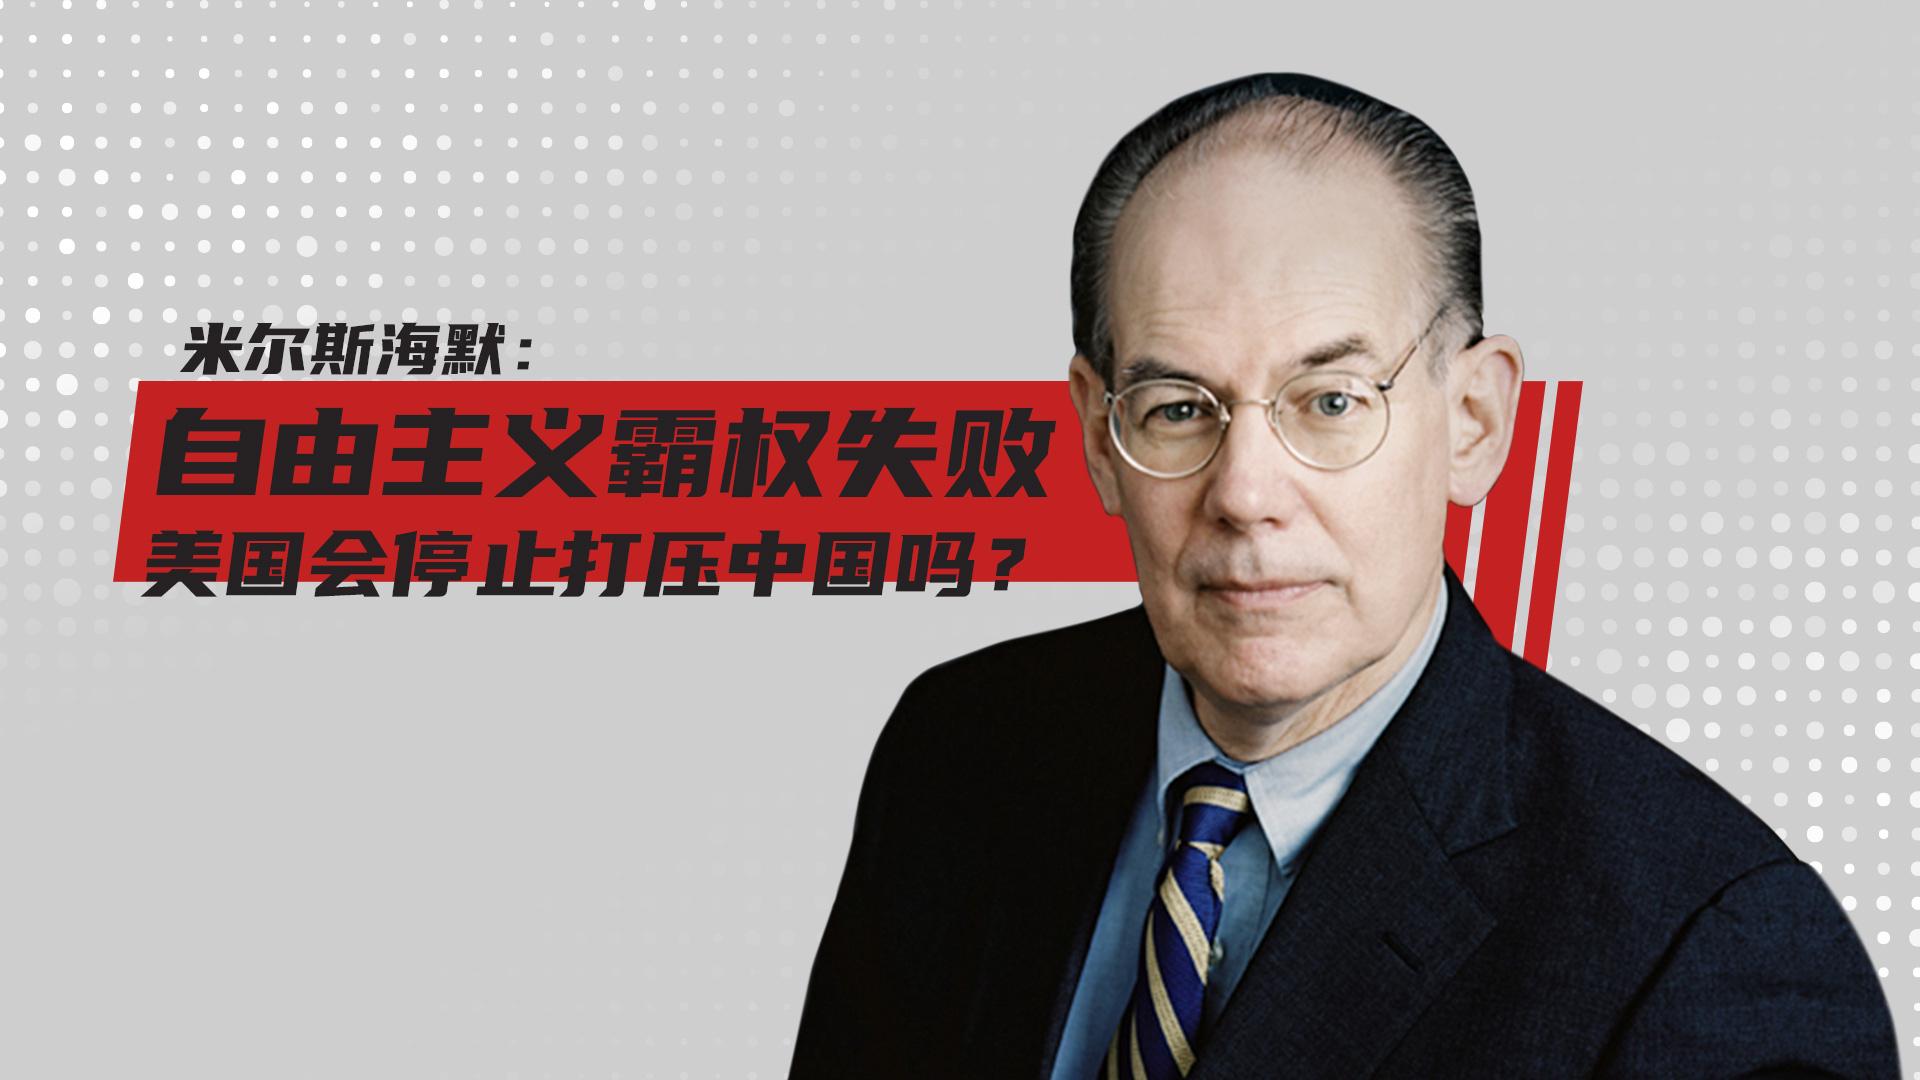 米尔斯海默:自由主义霸权政策失败了,但美国对中国的遏制不会就此停止